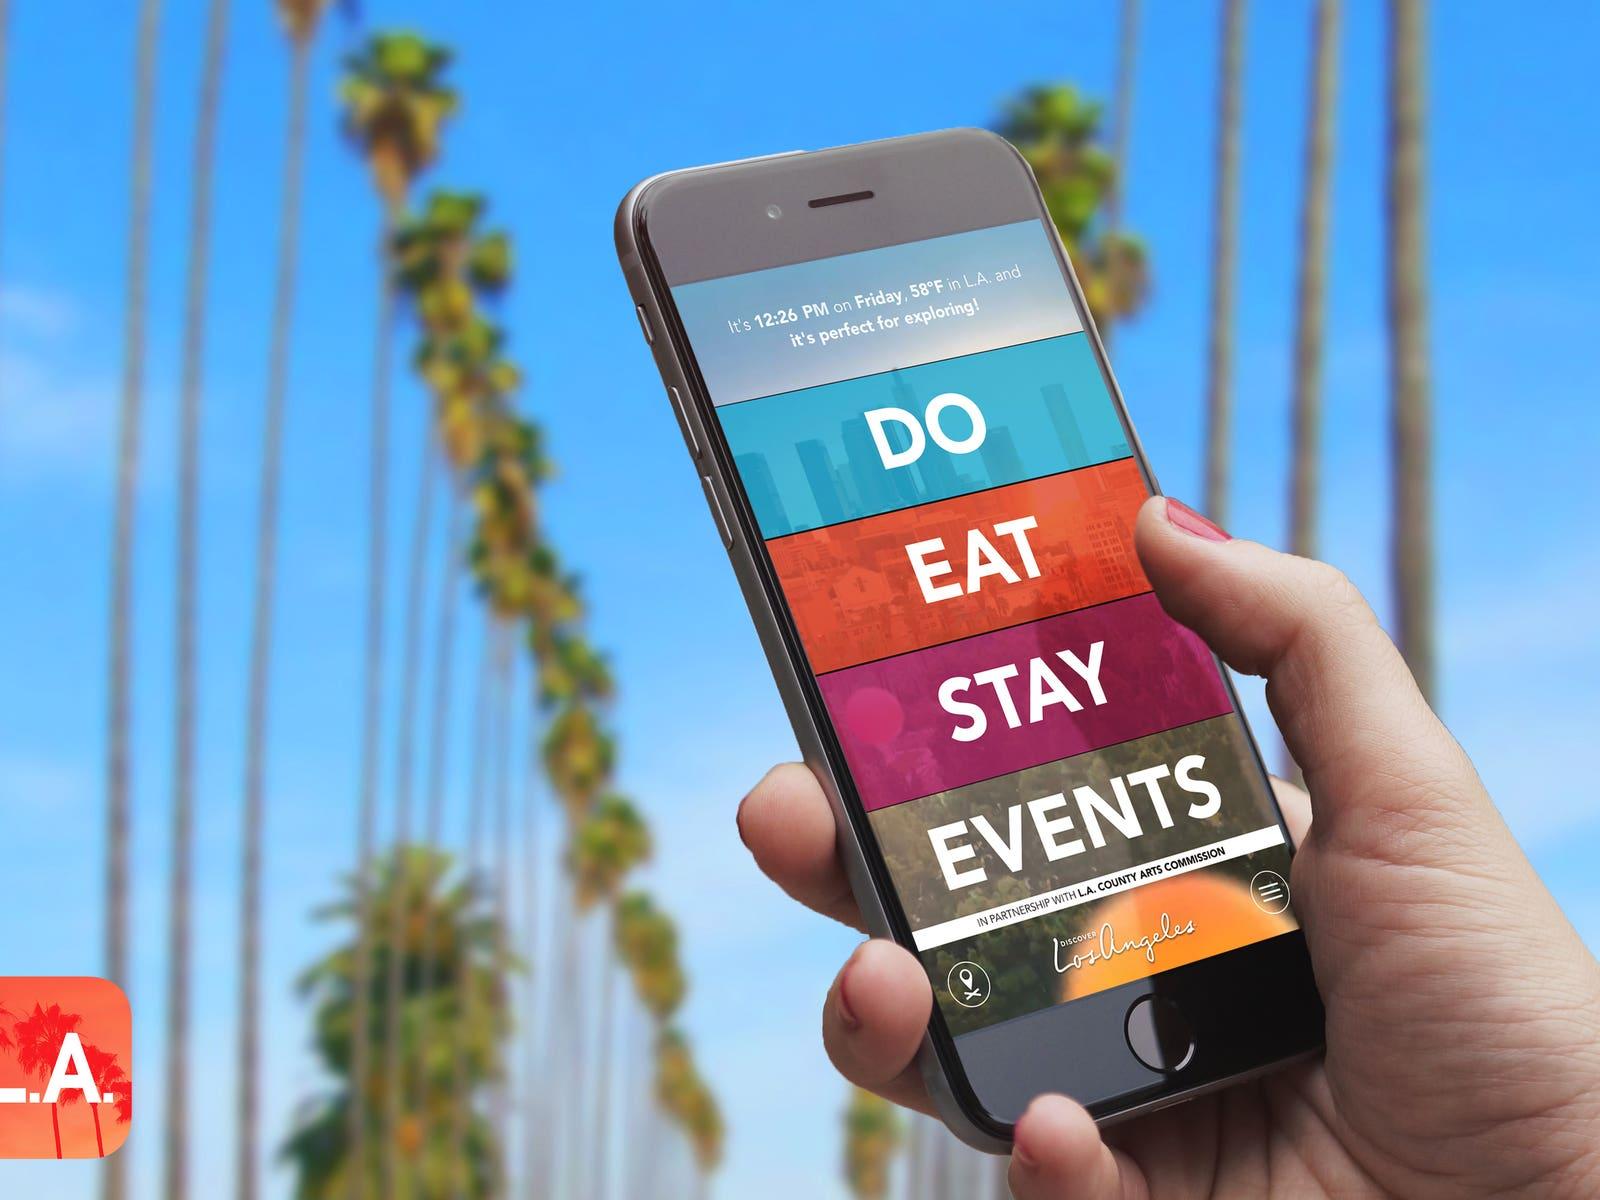 Discover L.A. App